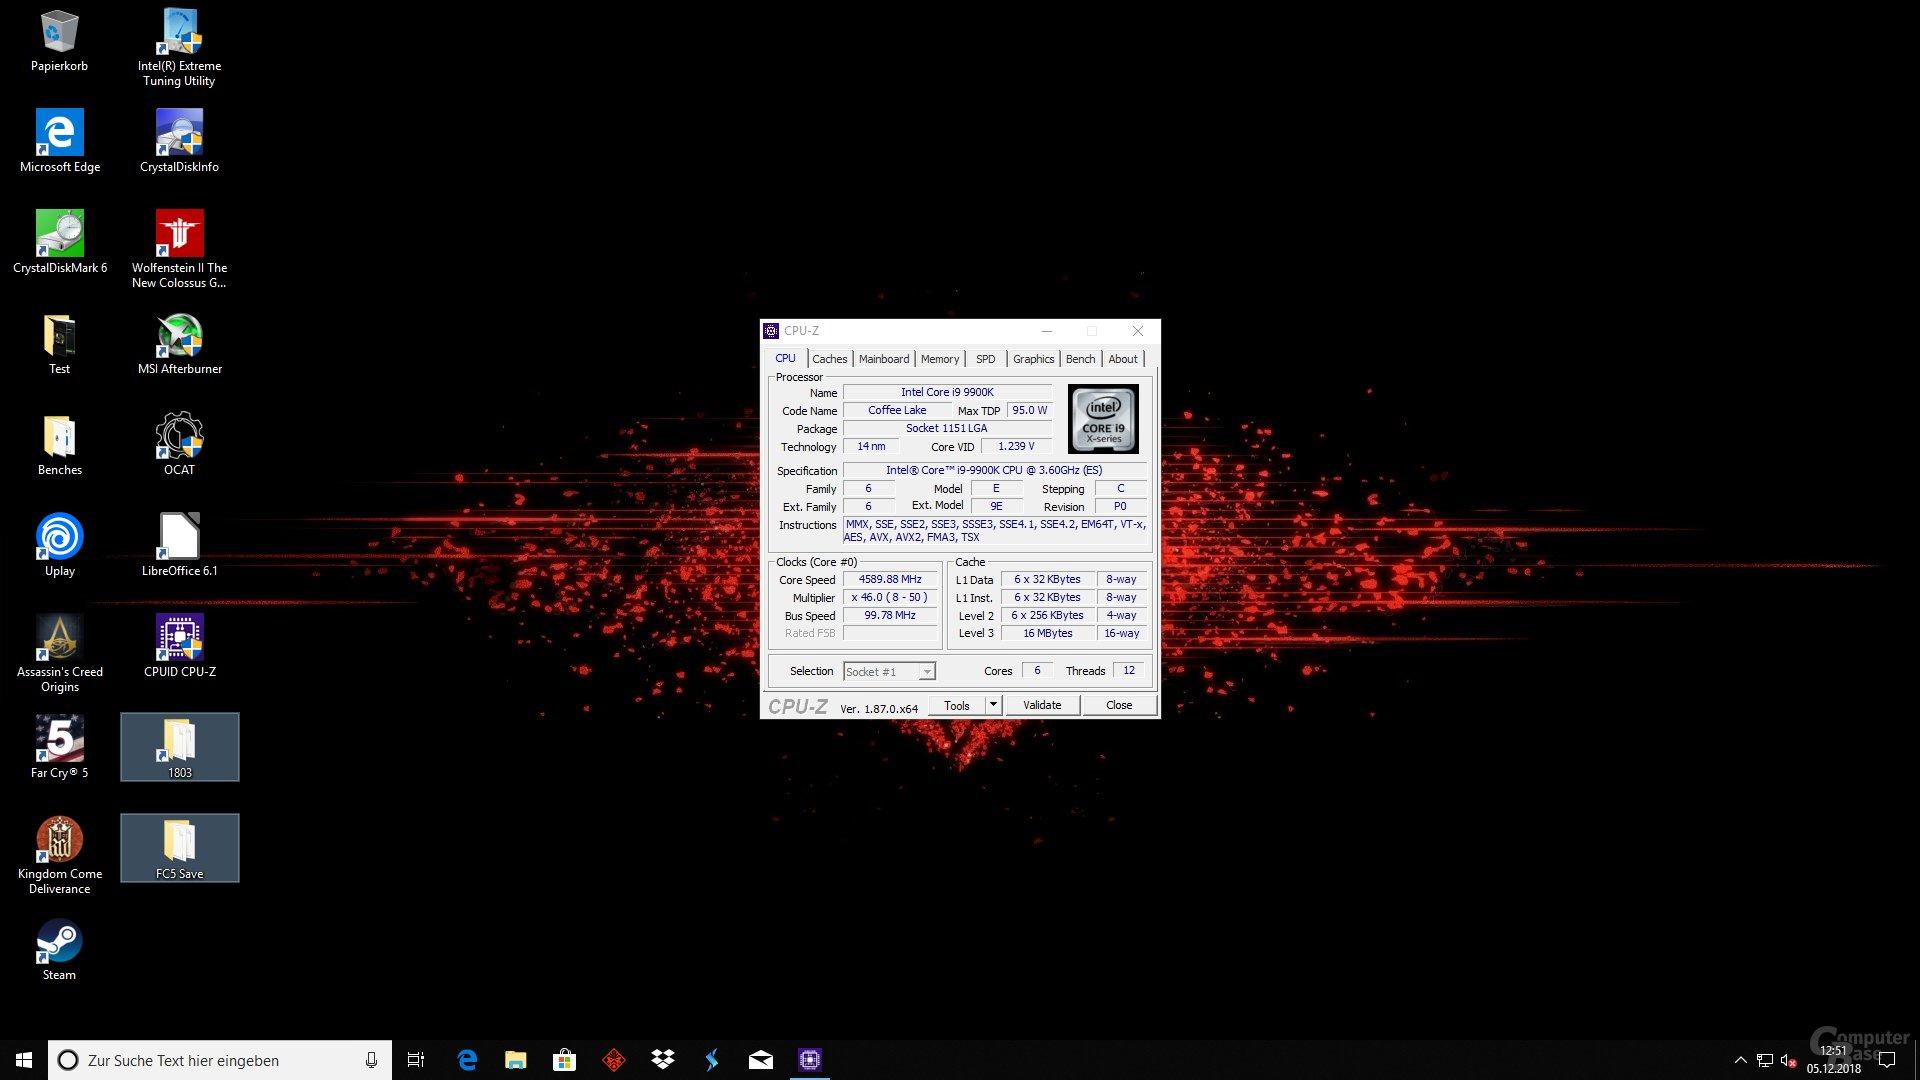 Der Core i9-9900K wird erkannt, aber nicht korrekt angesprochen